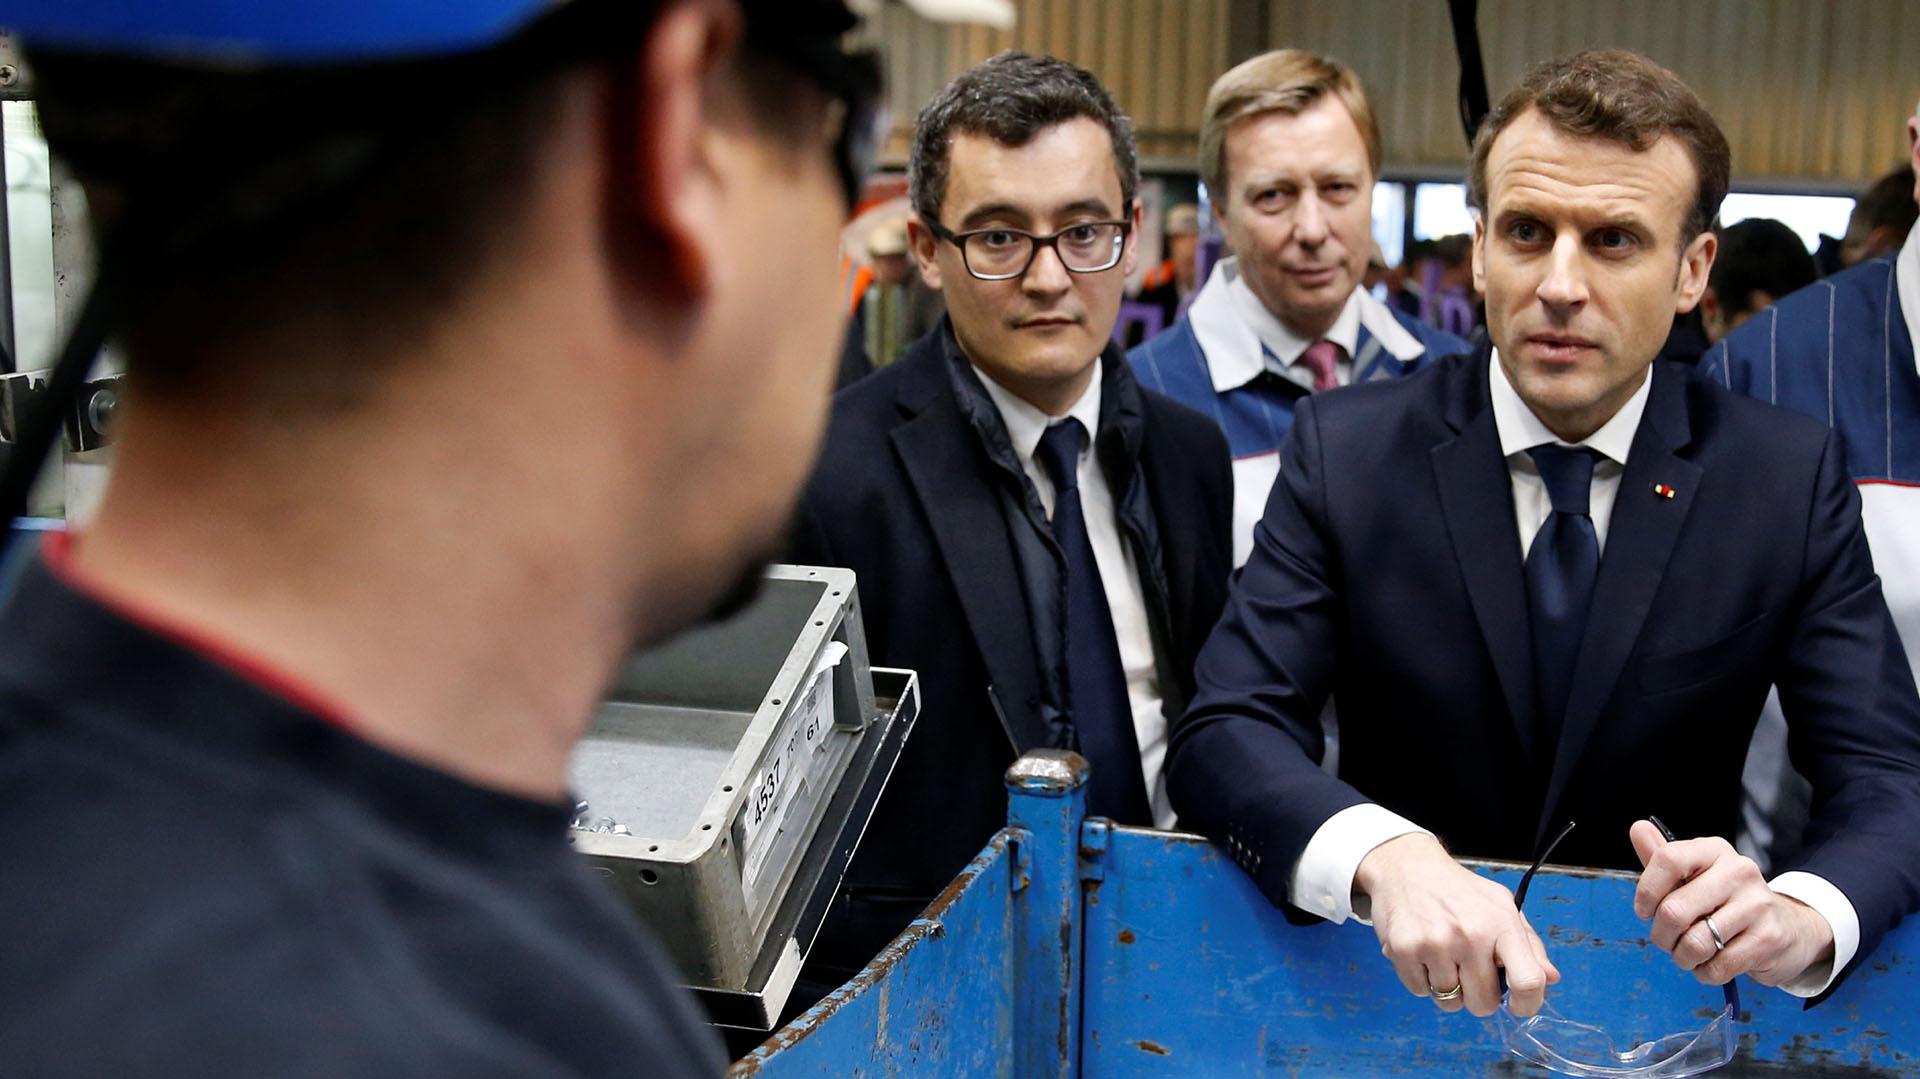 Emmanuel Macron y el ministro Darmanian visitan una planta de Toyota en Onnaing, Francia, el 22 de enero de 2018. (Reuters)